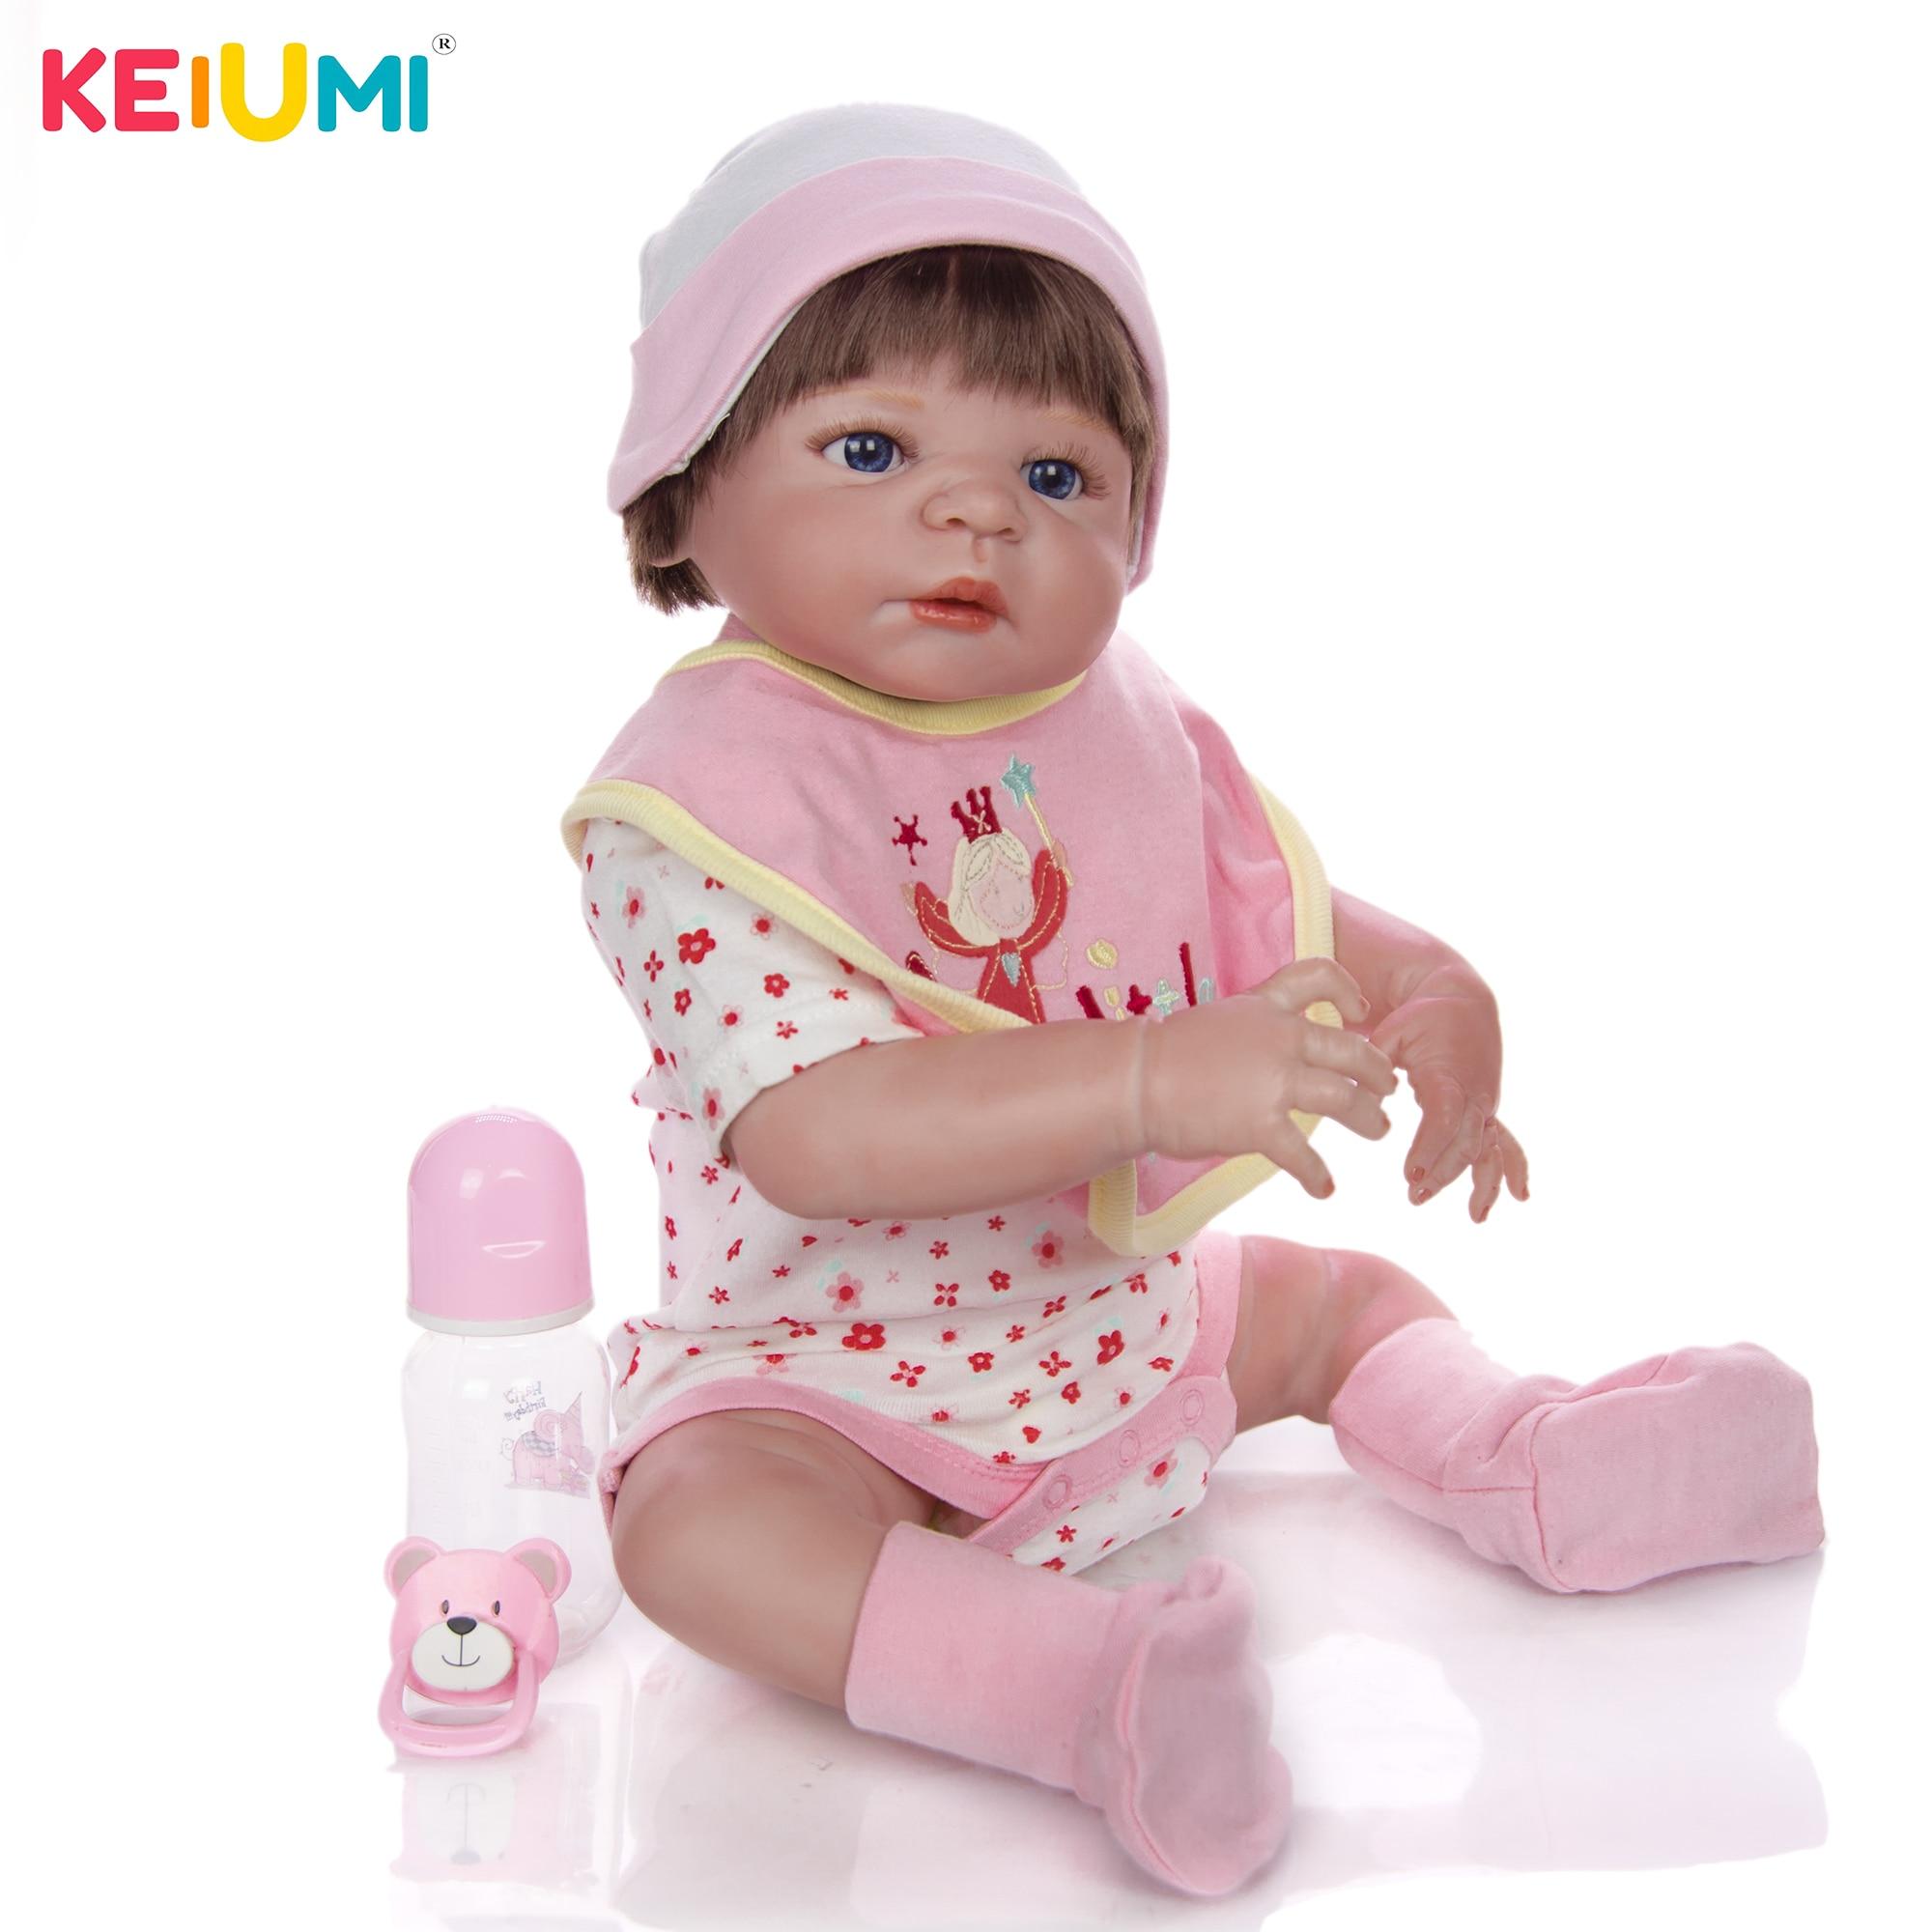 ร่างกายเต็มรูปแบบซิลิโคนไวนิล Reborn ทารกตุ๊กตาสาว 58 ซม./23 นิ้วที่สมจริงเหมือนจริงของเล่นเด็กคริสต์มาสของขวัญ-ใน ตุ๊กตา จาก ของเล่นและงานอดิเรก บน   1